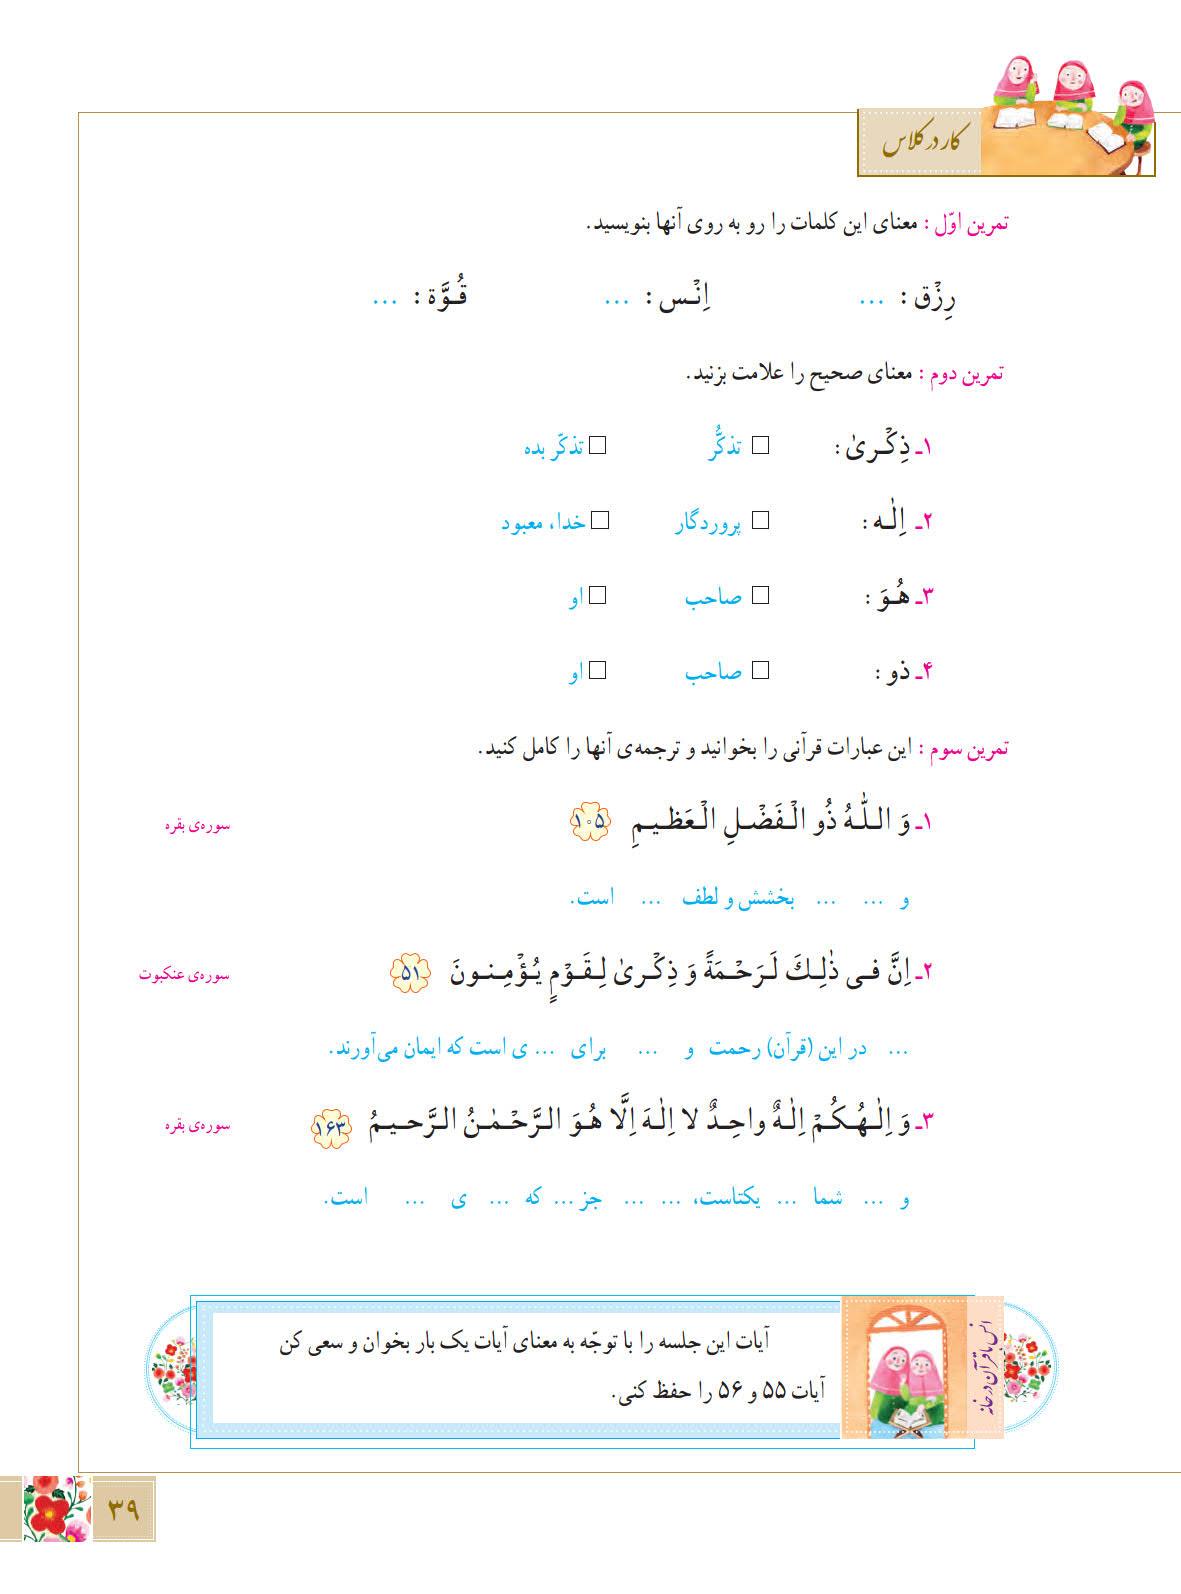 درس ششم آموزش قرآن پایه ششم - کلاس اینترنتی ما -صفحه 39 - مومکا - momeka.ir (3)